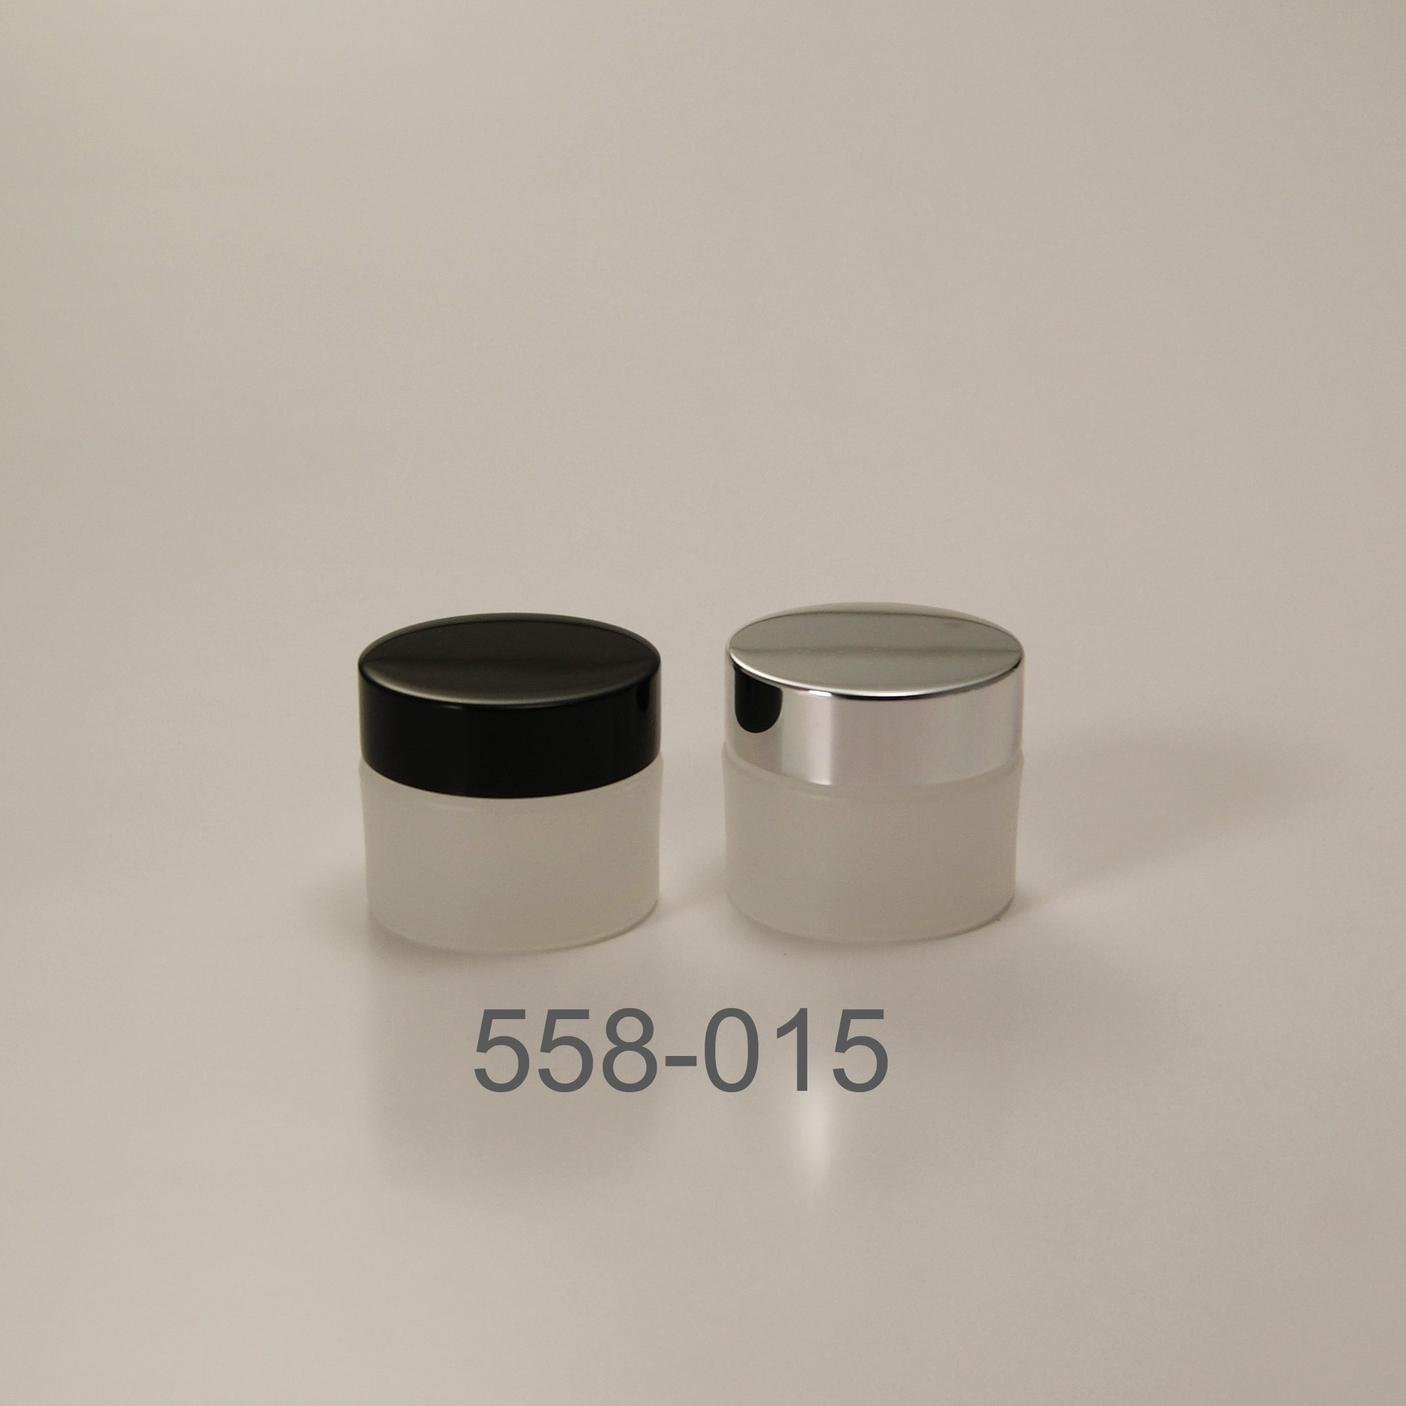 558-015.jpg